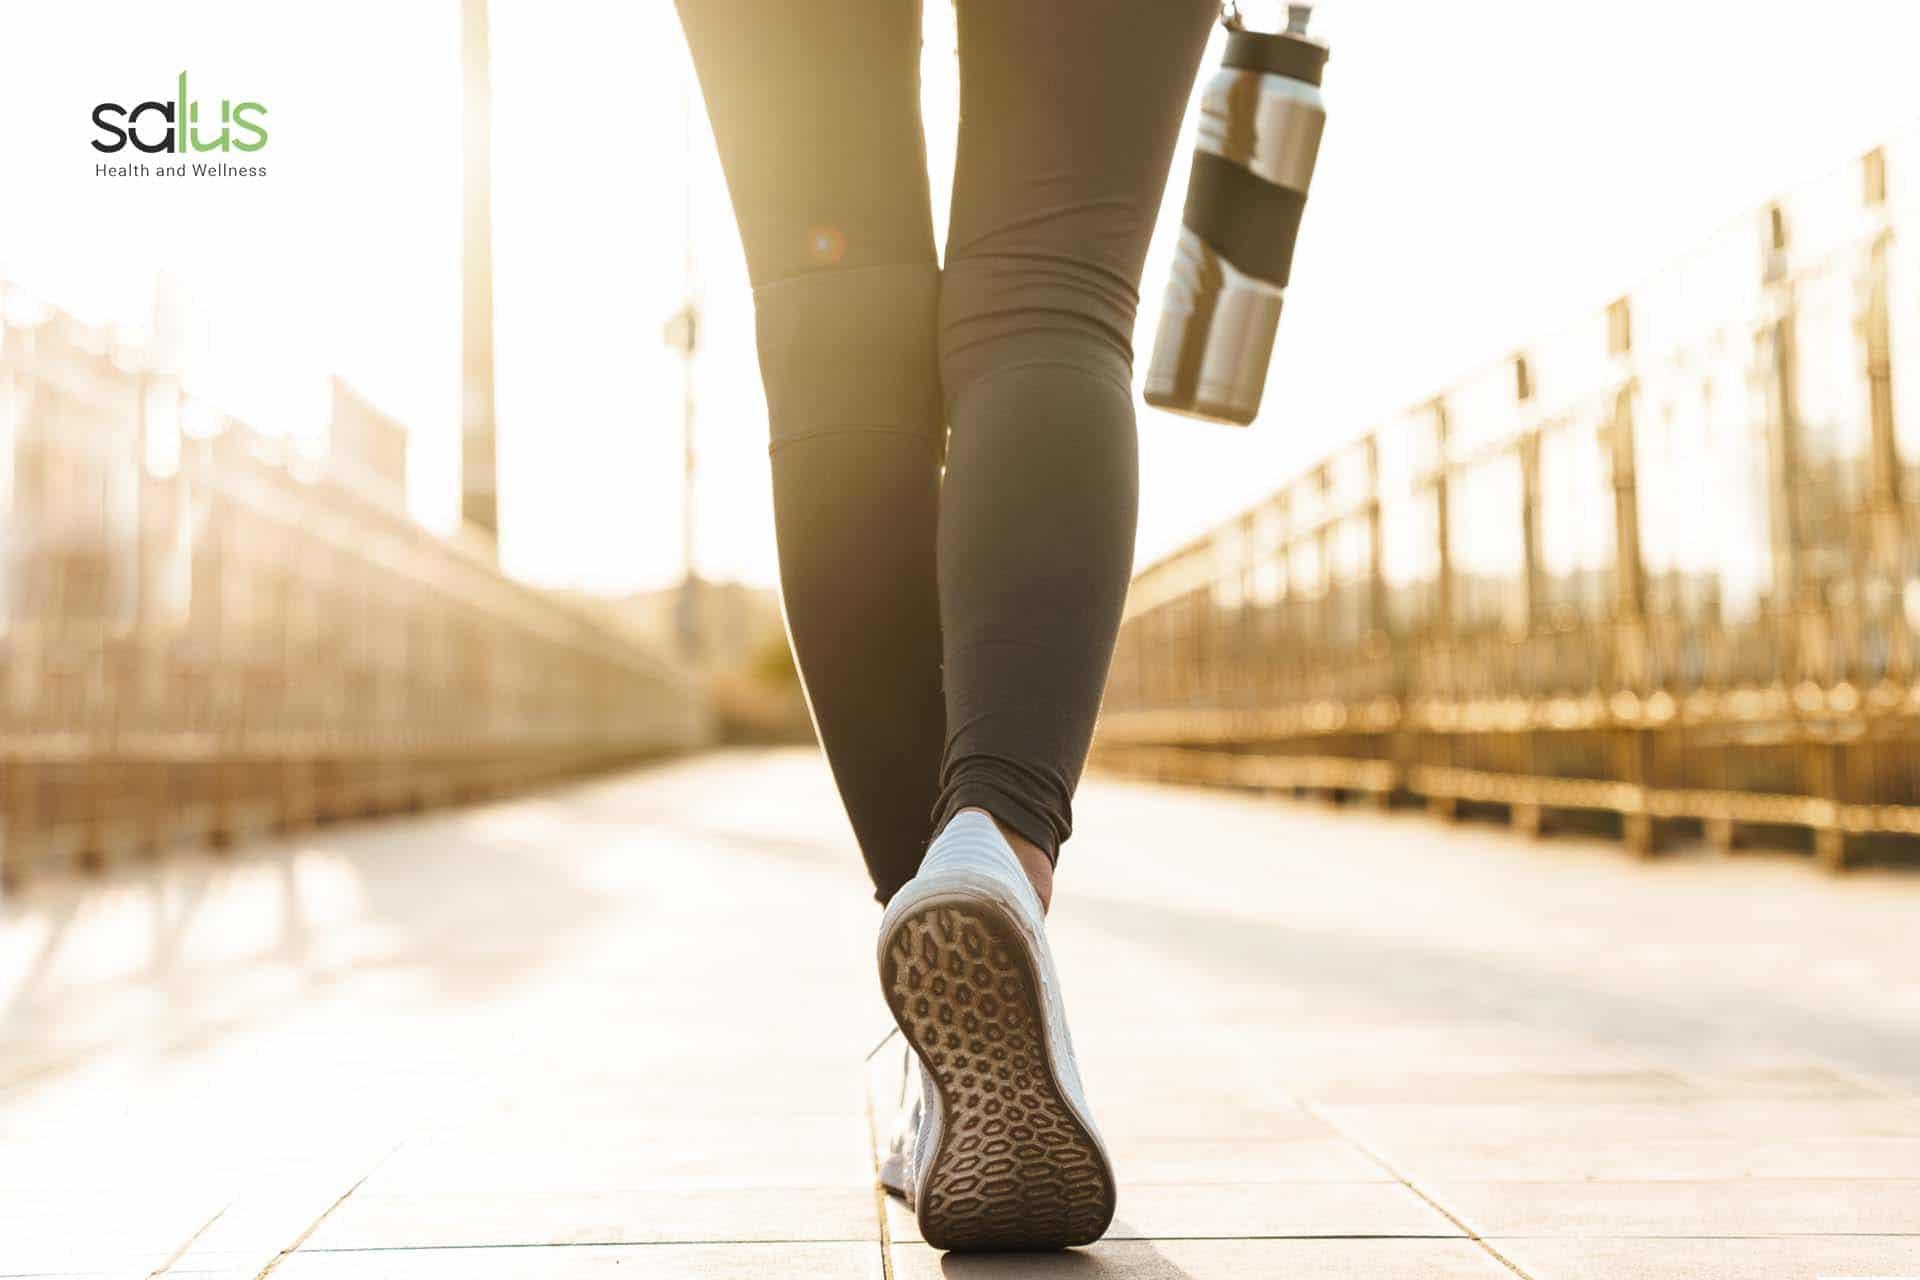 Dimagrire camminando: i consigli